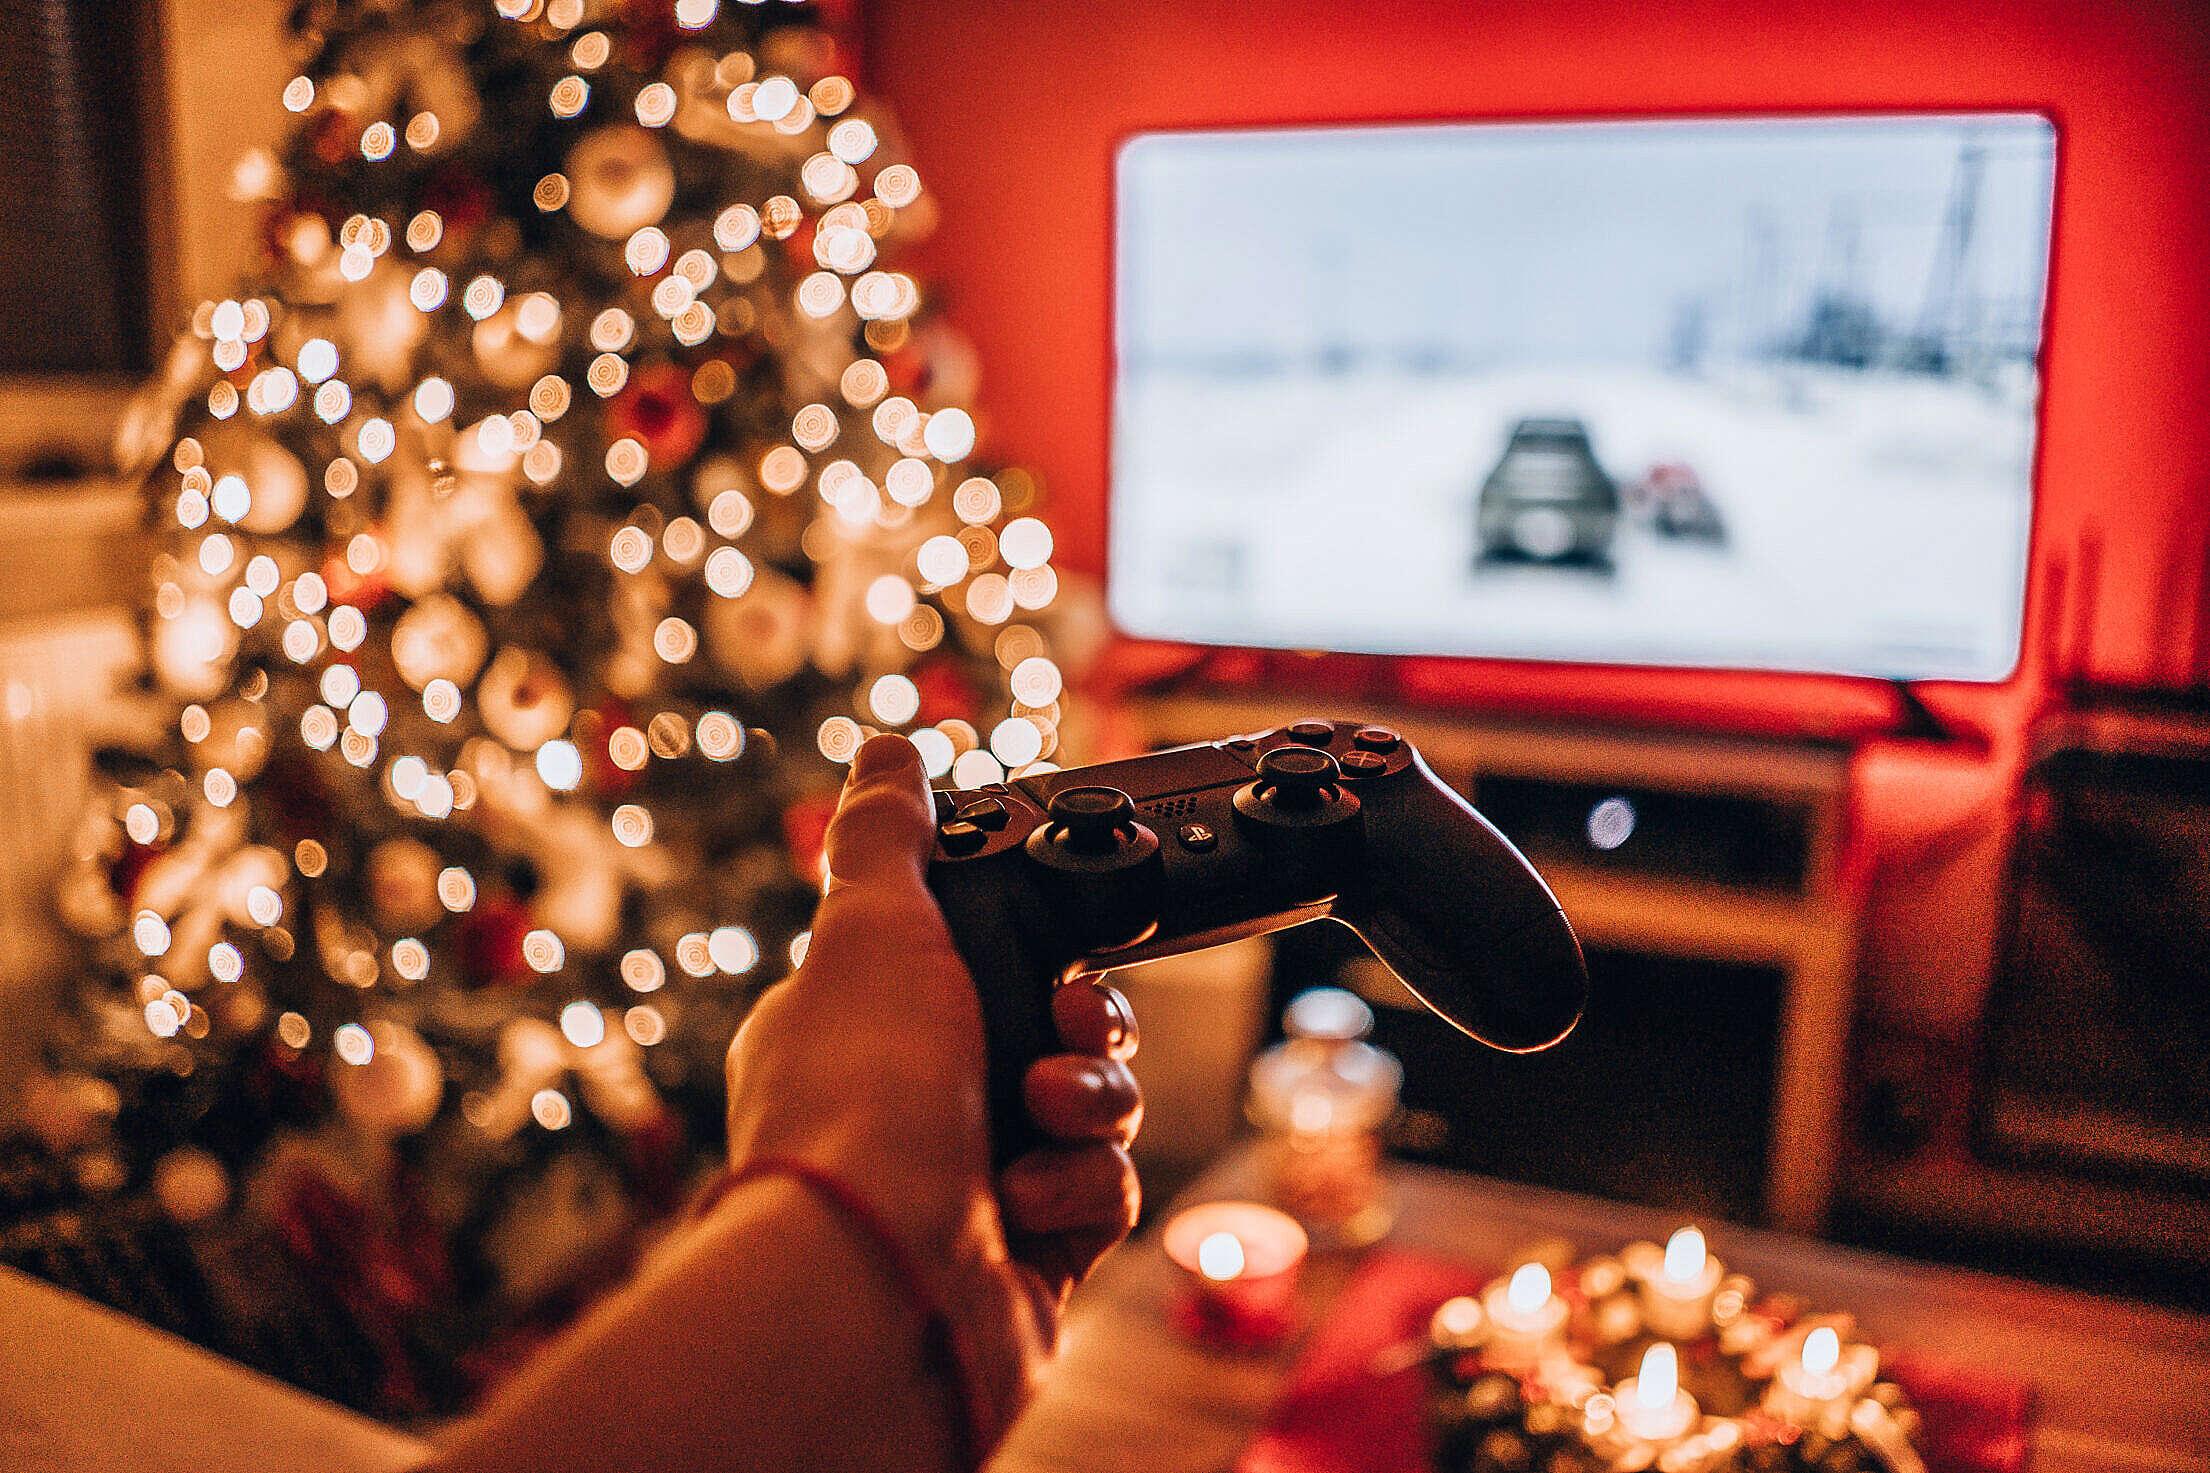 Christmas Playstation Gaming Free Stock Photo